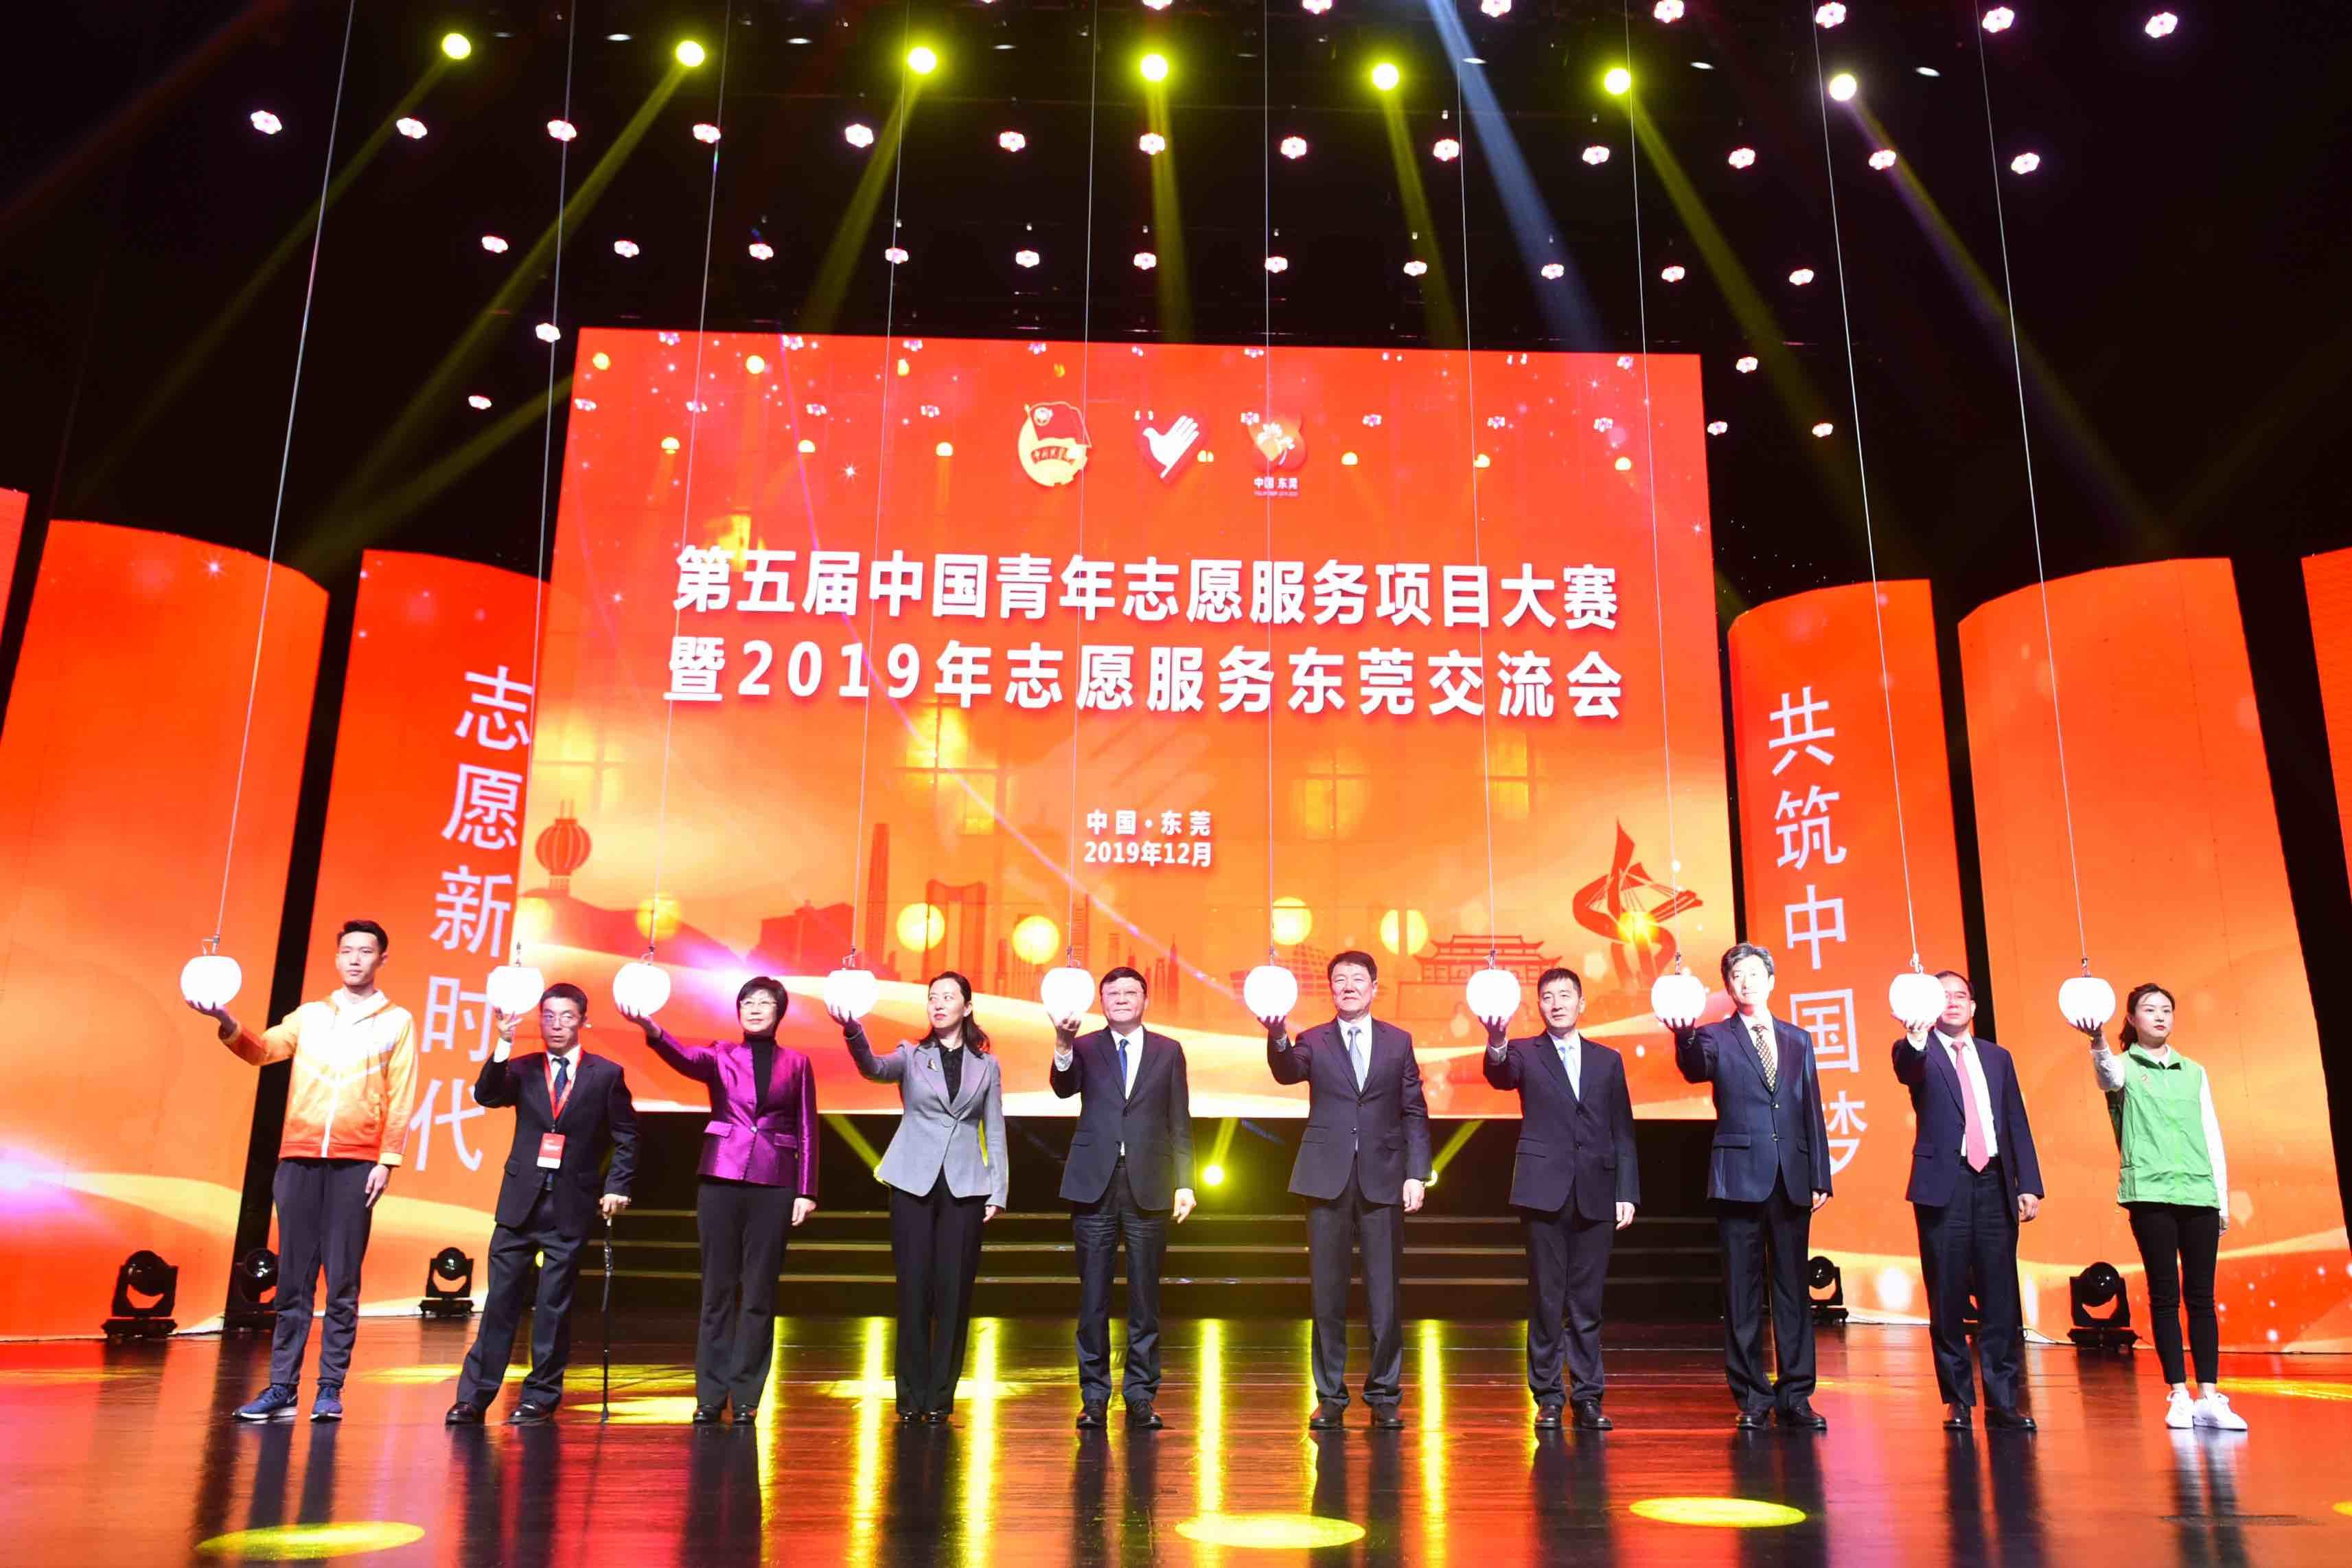 第五届中国青年志愿服务项目大赛暨2019年志愿服务交流会在东莞开幕